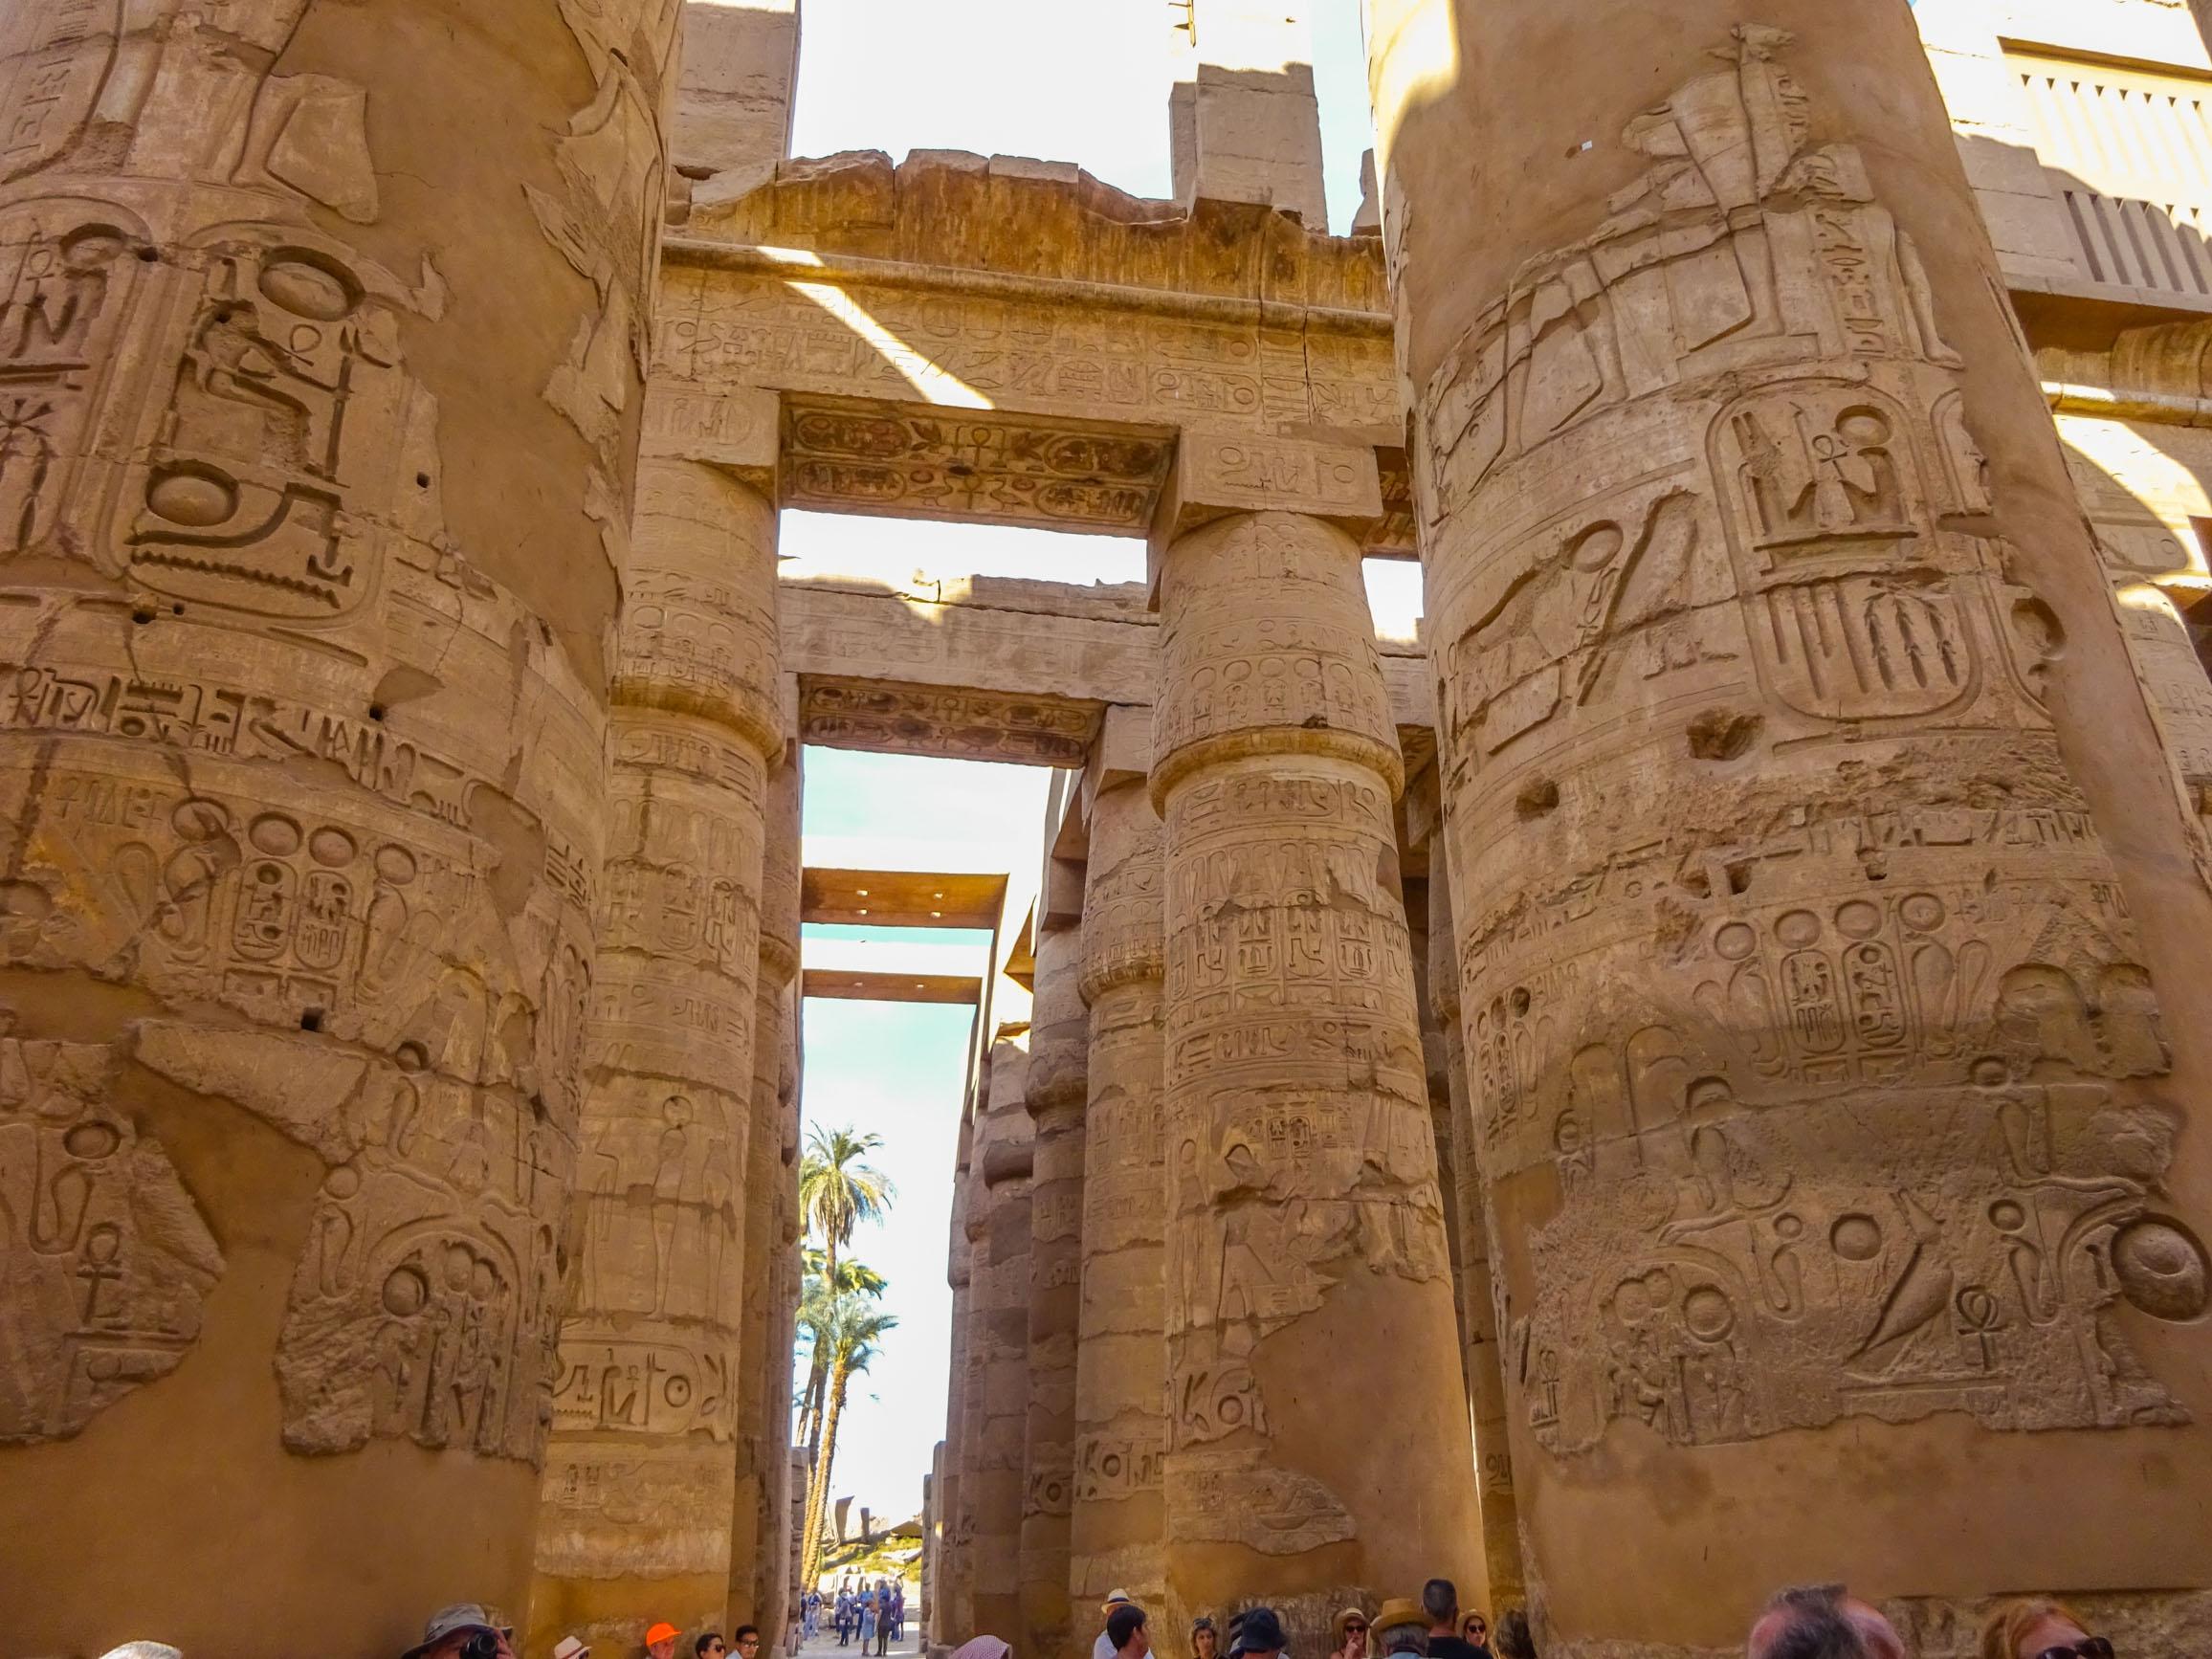 https://bubo.sk/uploads/galleries/17820/miroslavadlha_egypt_karnak_luxor-8-.jpg